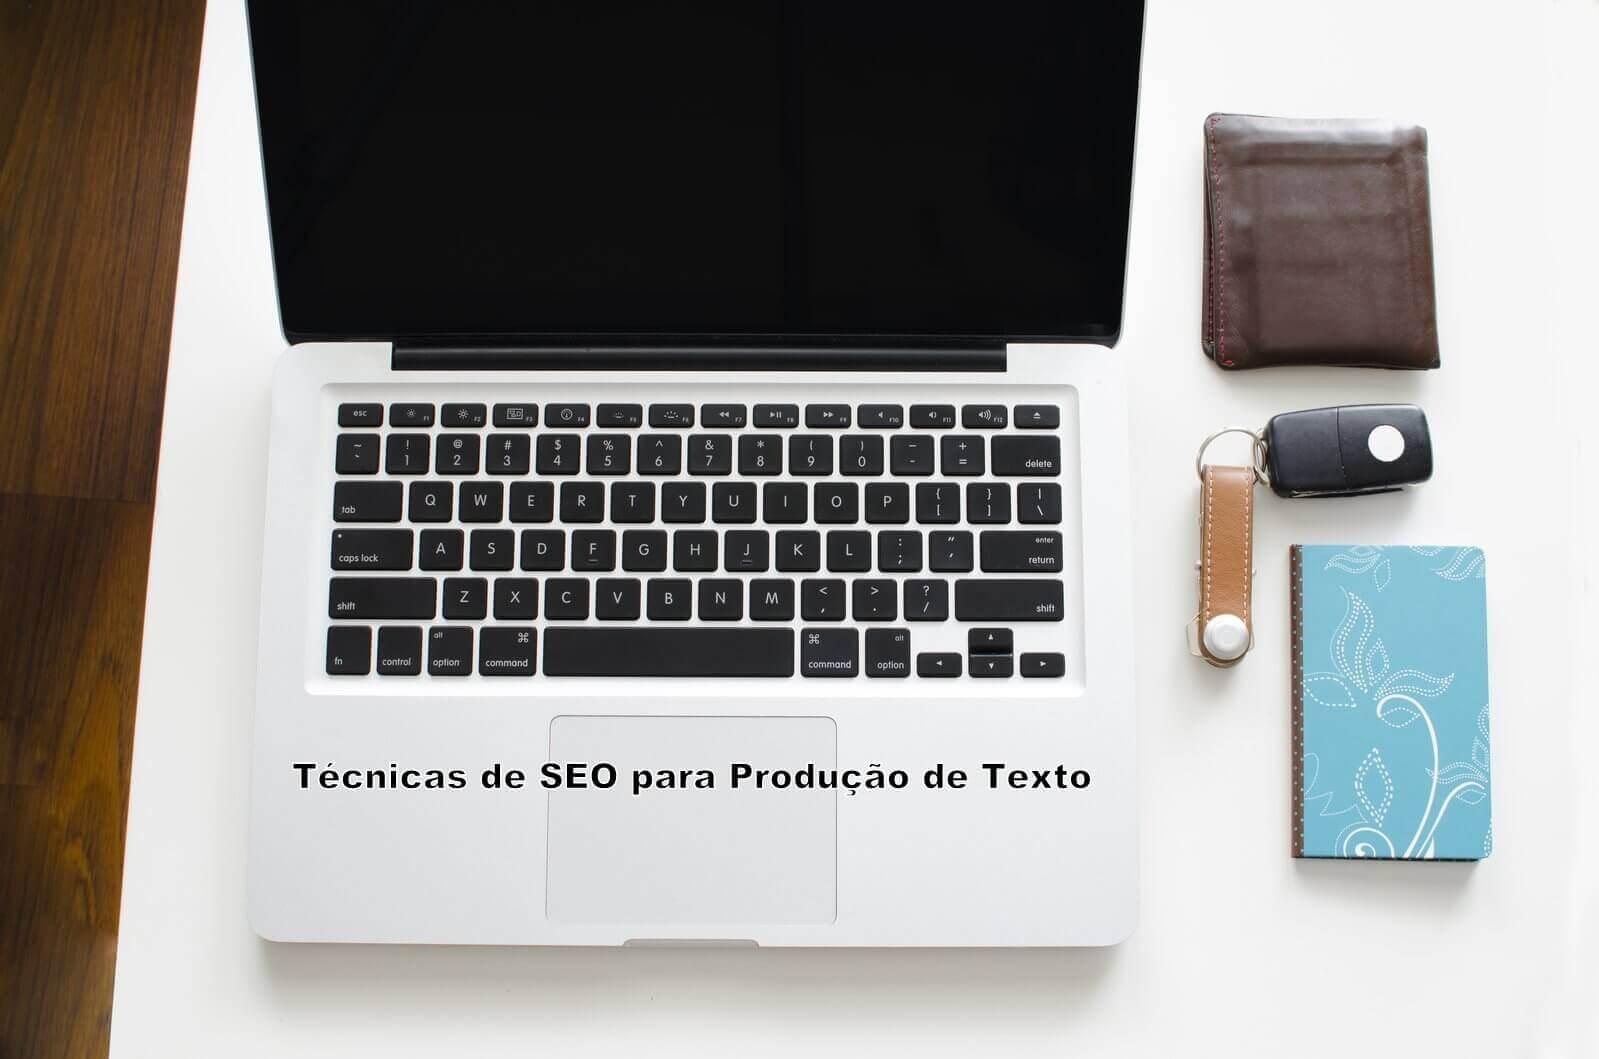 Técnicas de SEO e Produção de